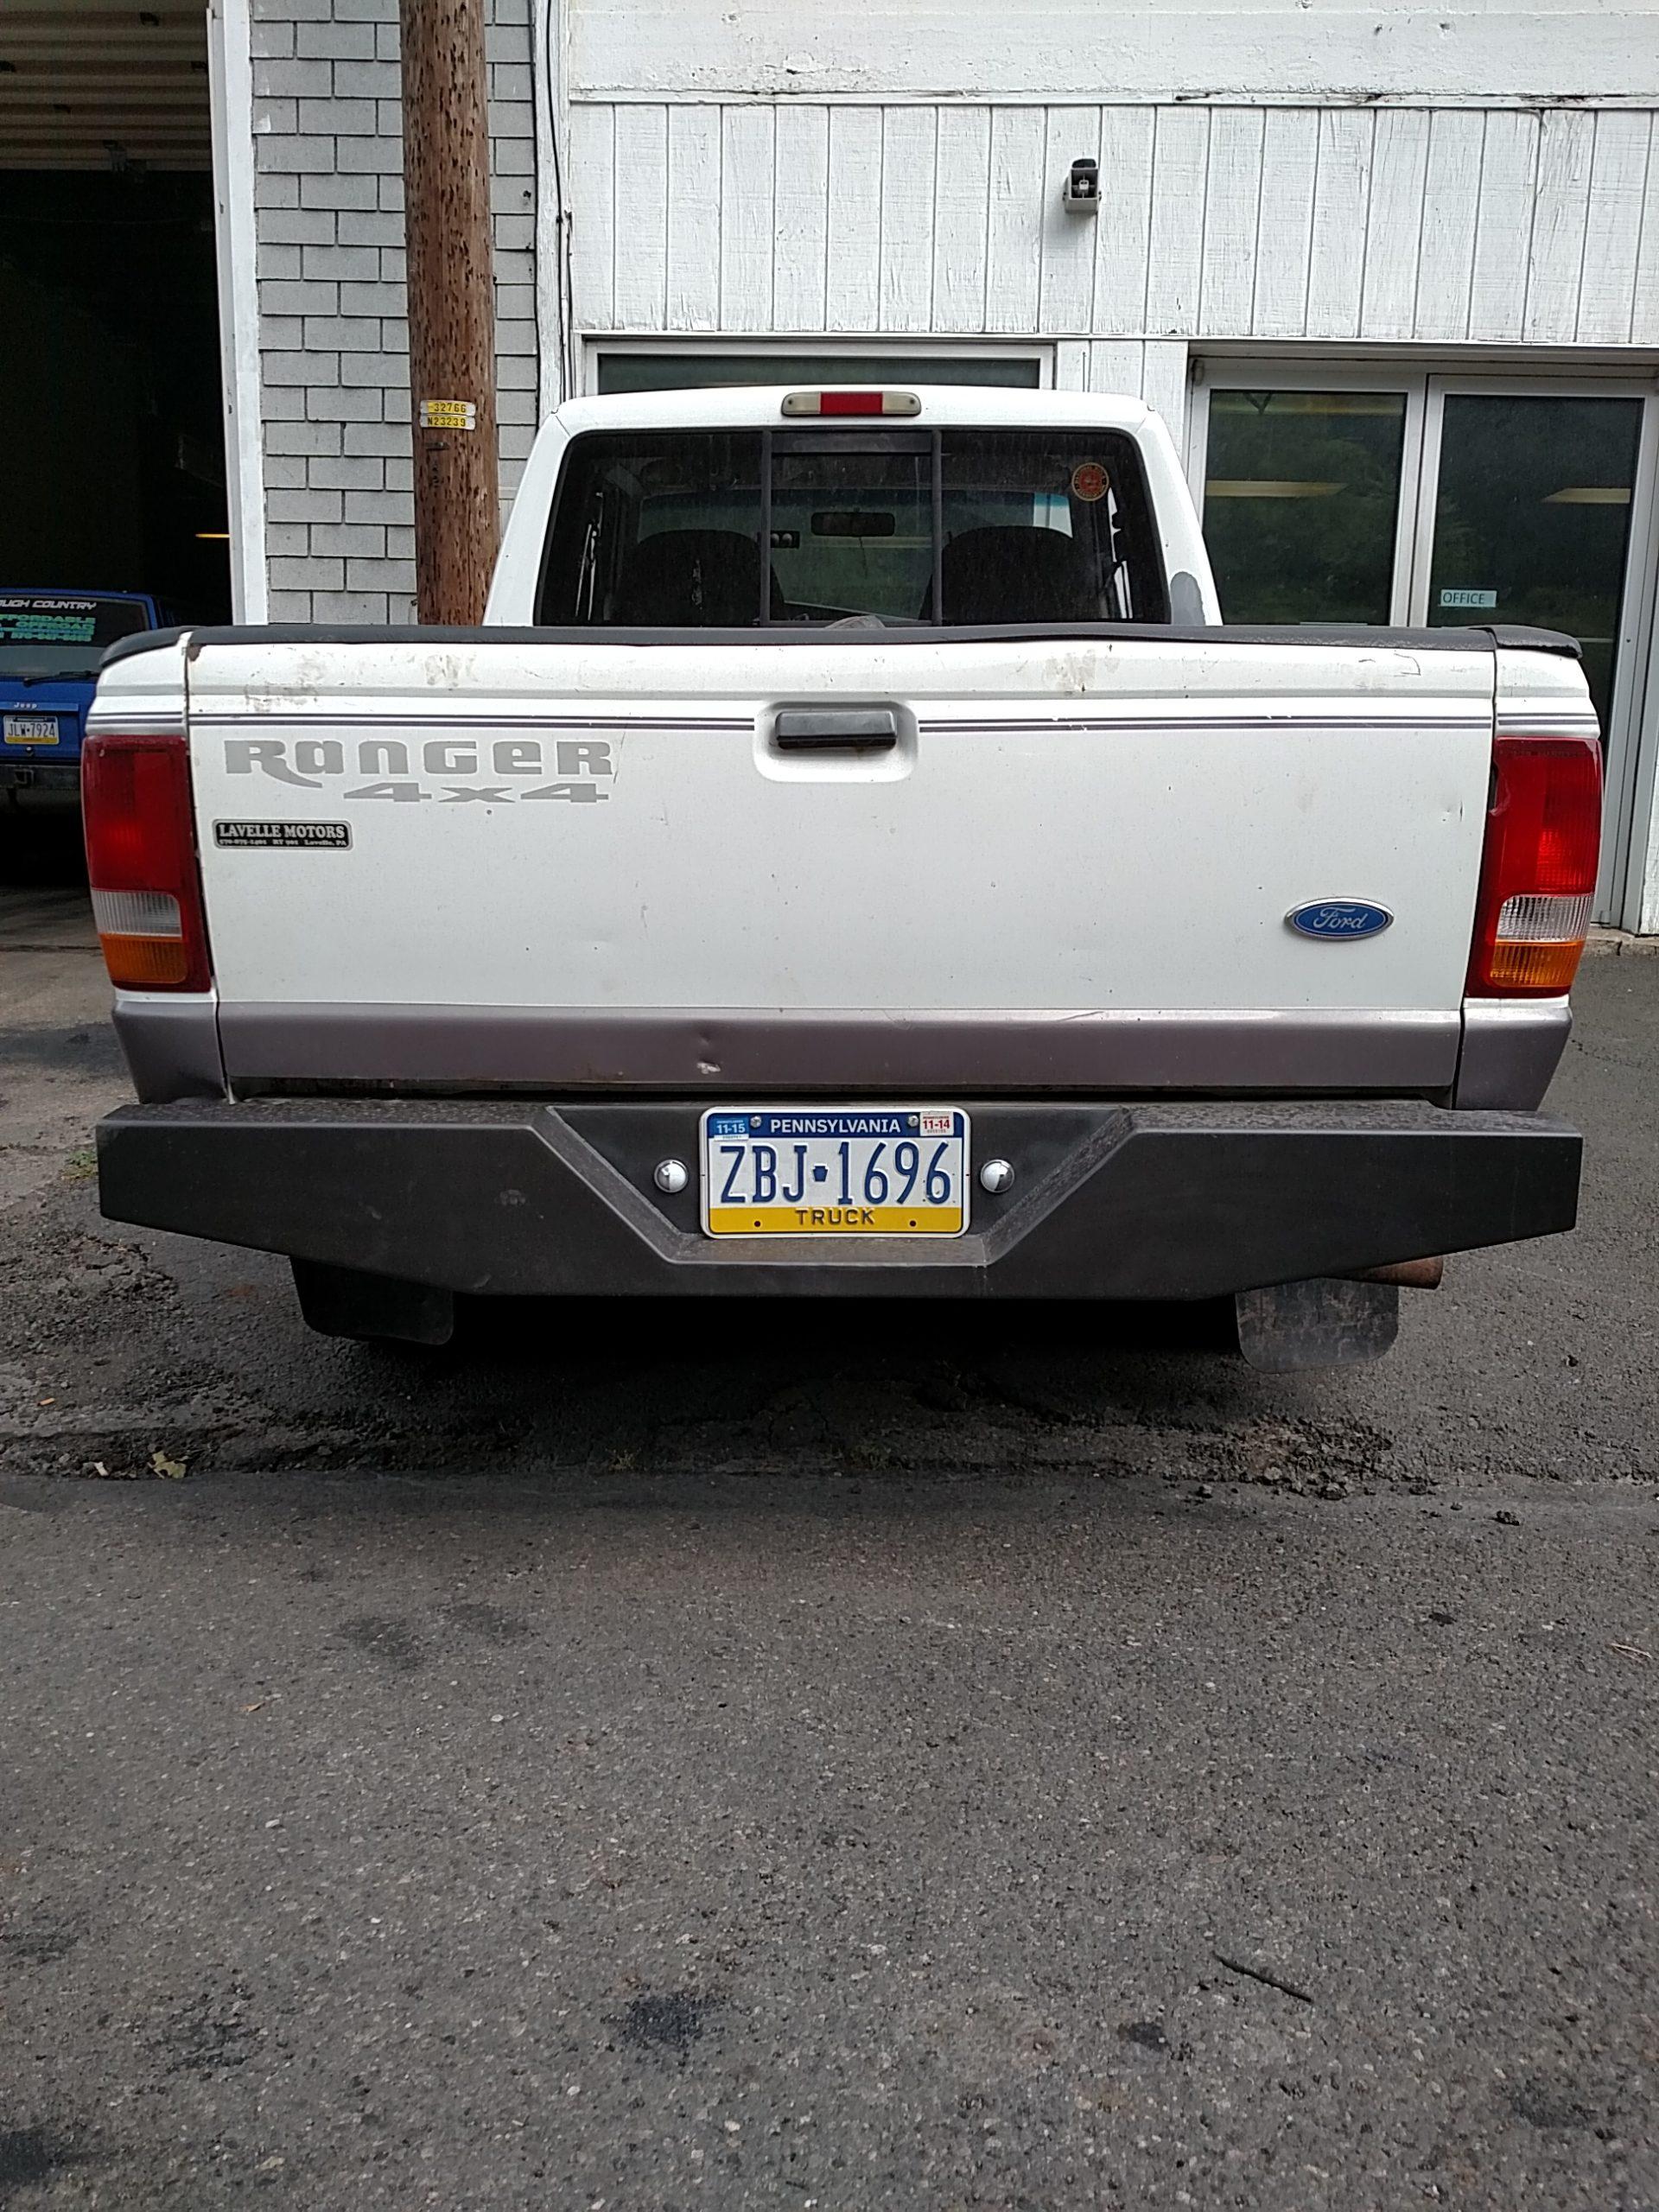 New Rear Bumper For Ford Ranger 1993-2011